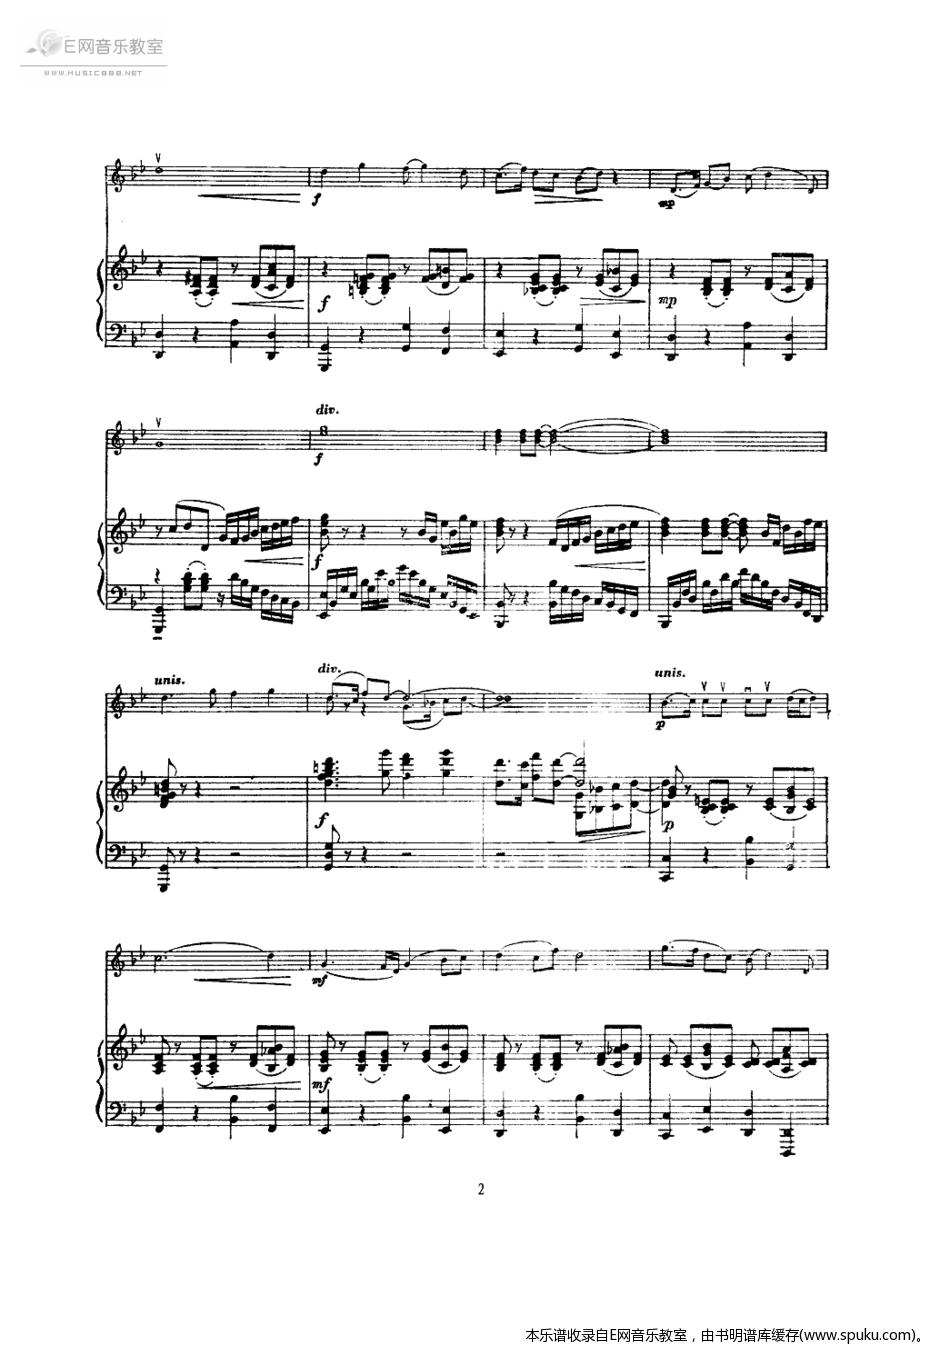 延边人民热爱毛主席2-钢琴谱-曲谱